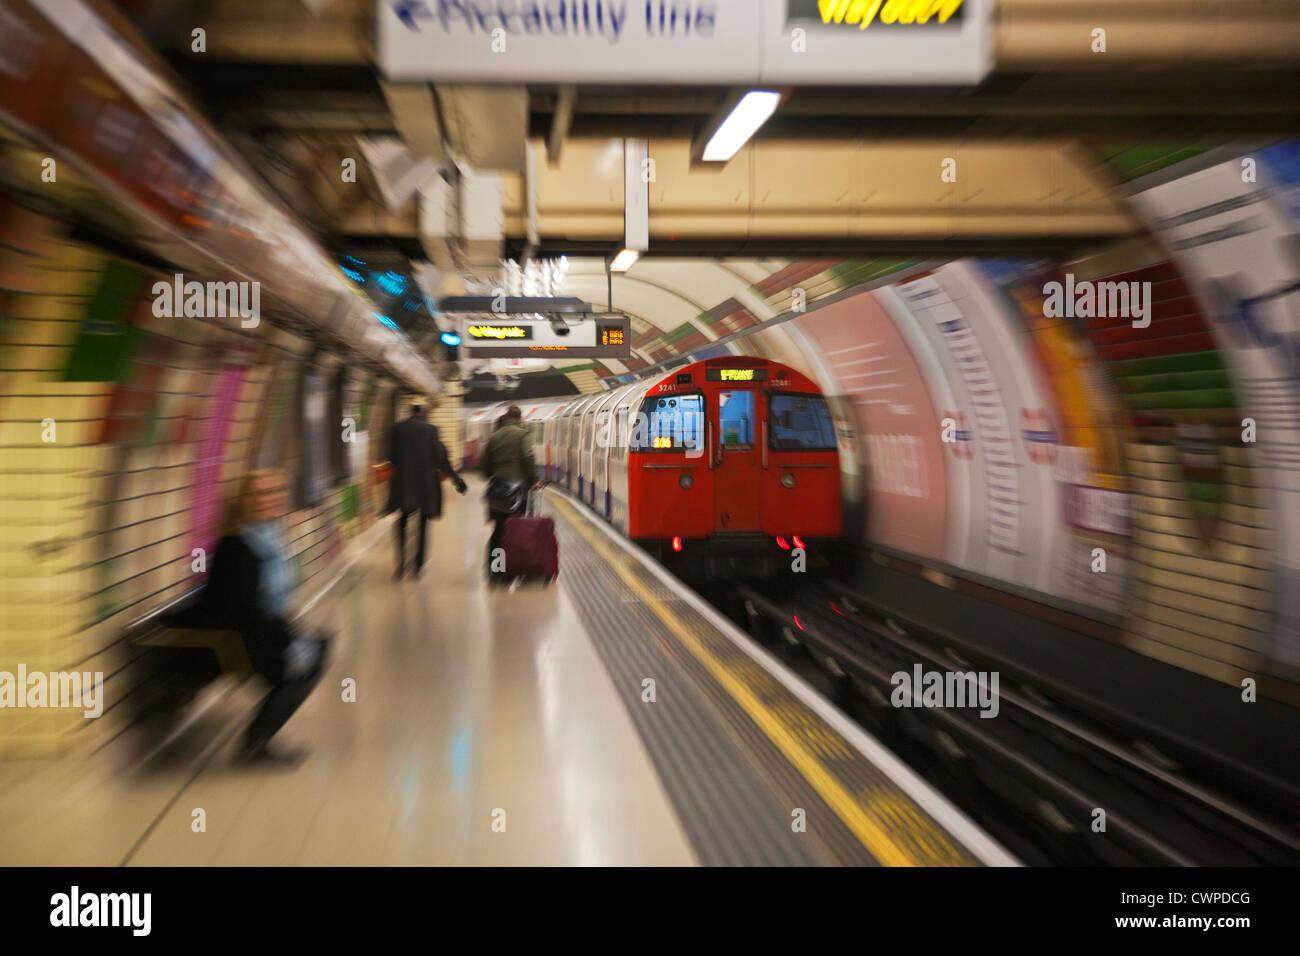 UK. England. London. Tube train arriving at platform of Underground Station. - Stock Image